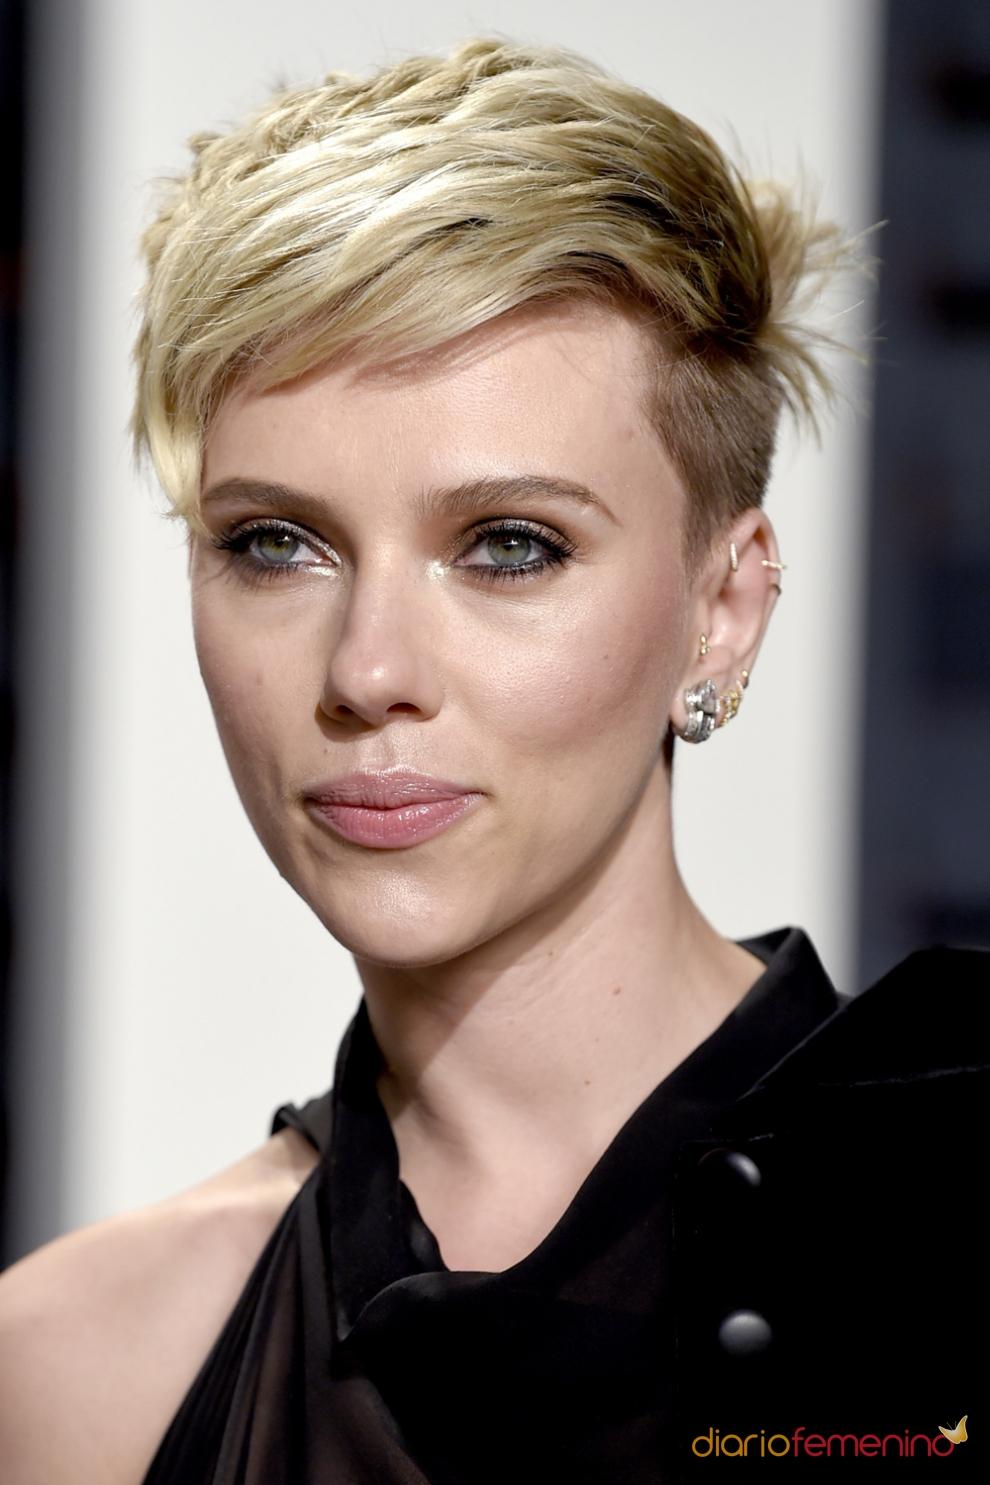 Minimalista peinados pelo pixie Fotos de cortes de pelo tendencias - El corte de pelo pixie con flequillo de Scarlett